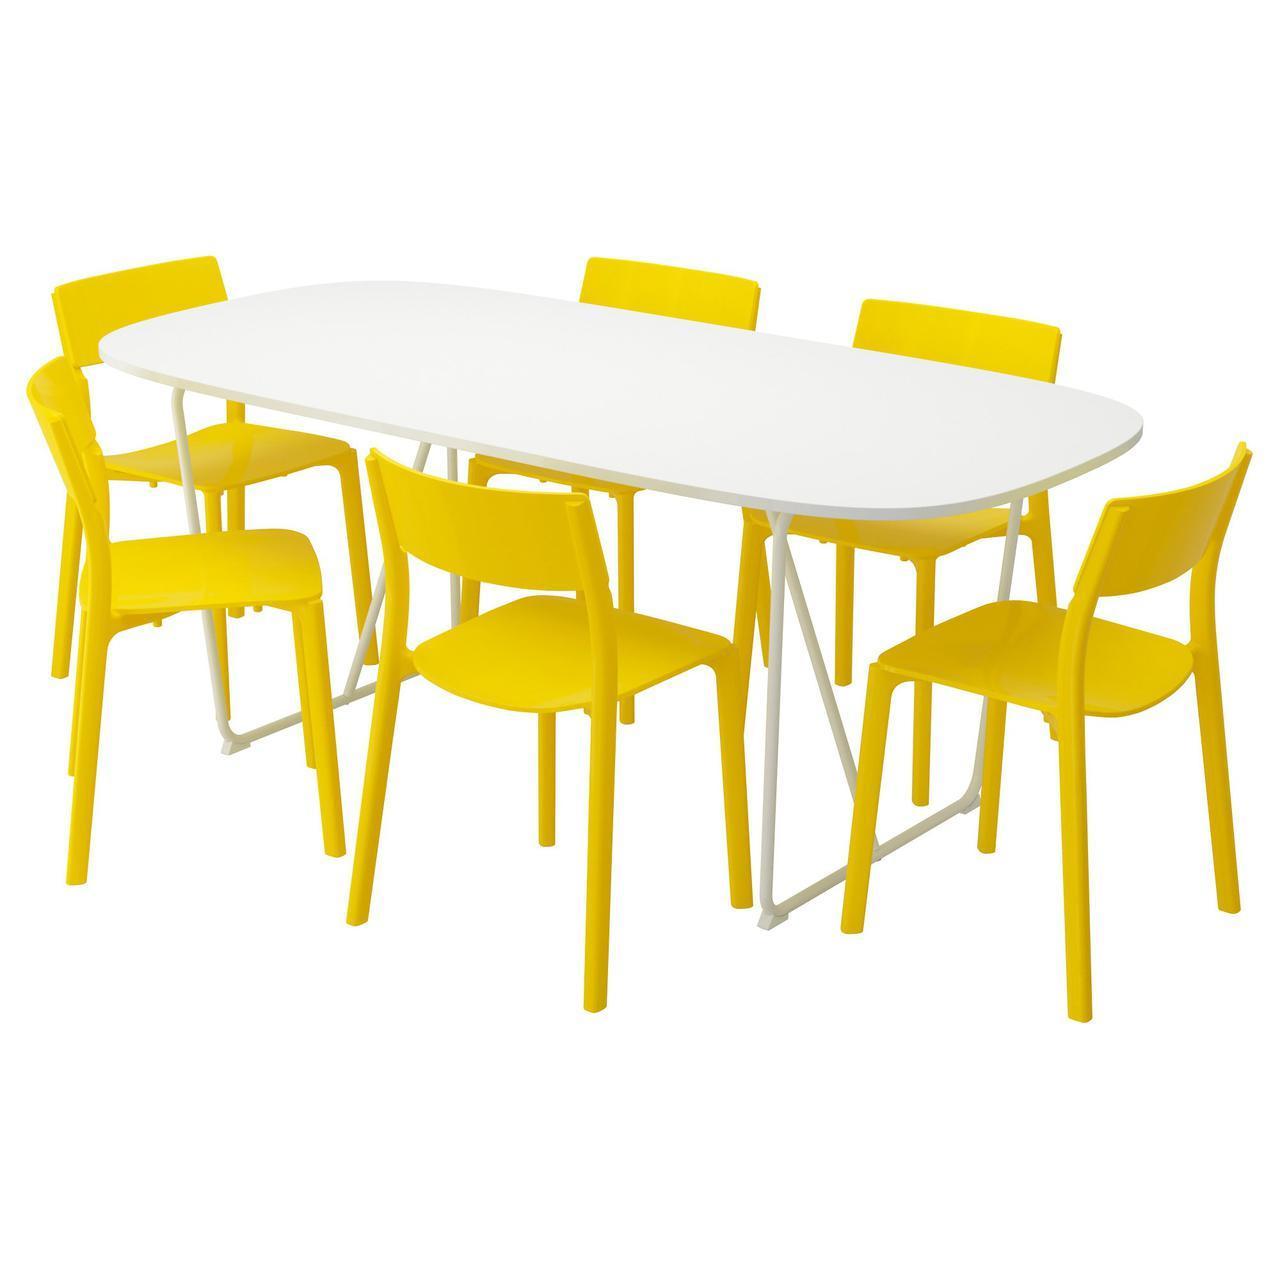 IKEA OPPEBY/BACKARYD / JANINGE (891.032.45) Стол и 6 стульев, белый, желтый